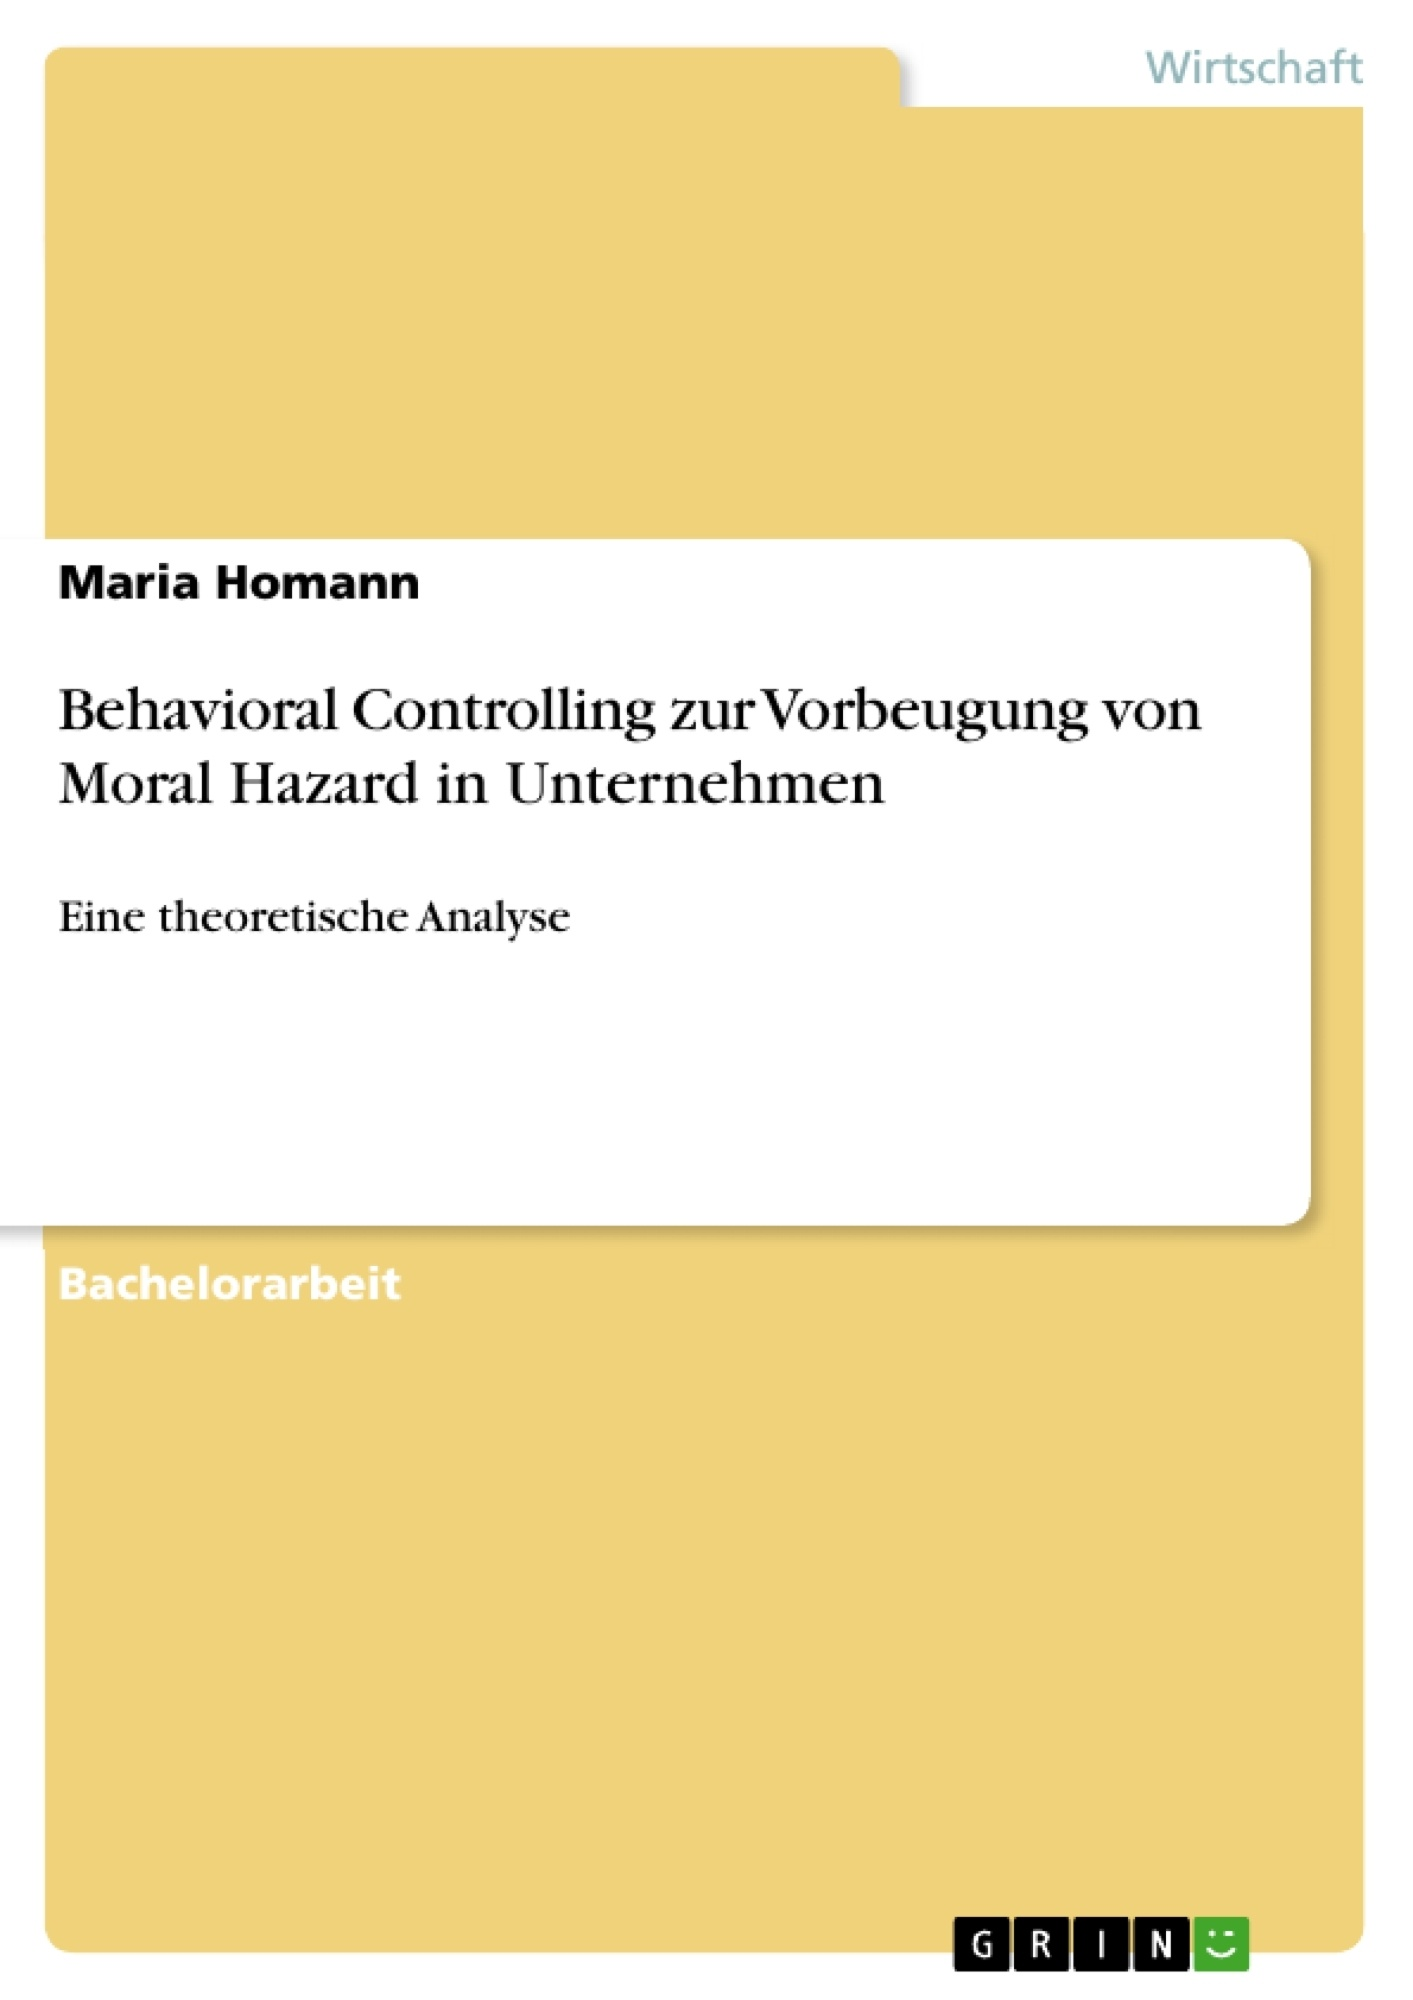 Titel: Behavioral Controlling zur Vorbeugung von Moral Hazard in Unternehmen